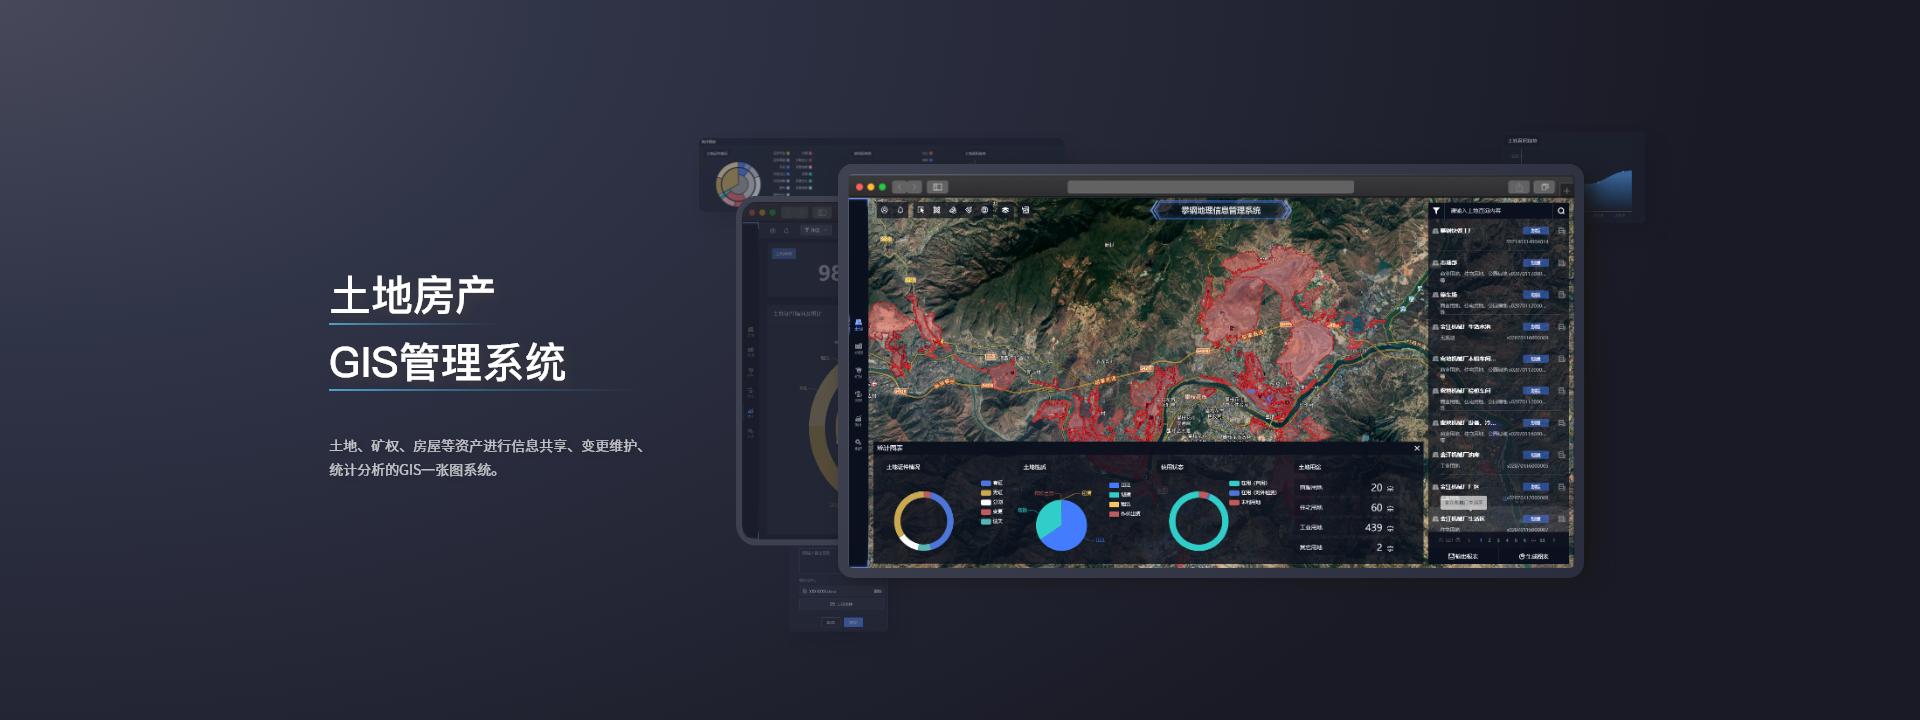 土地房产GIS管理系统